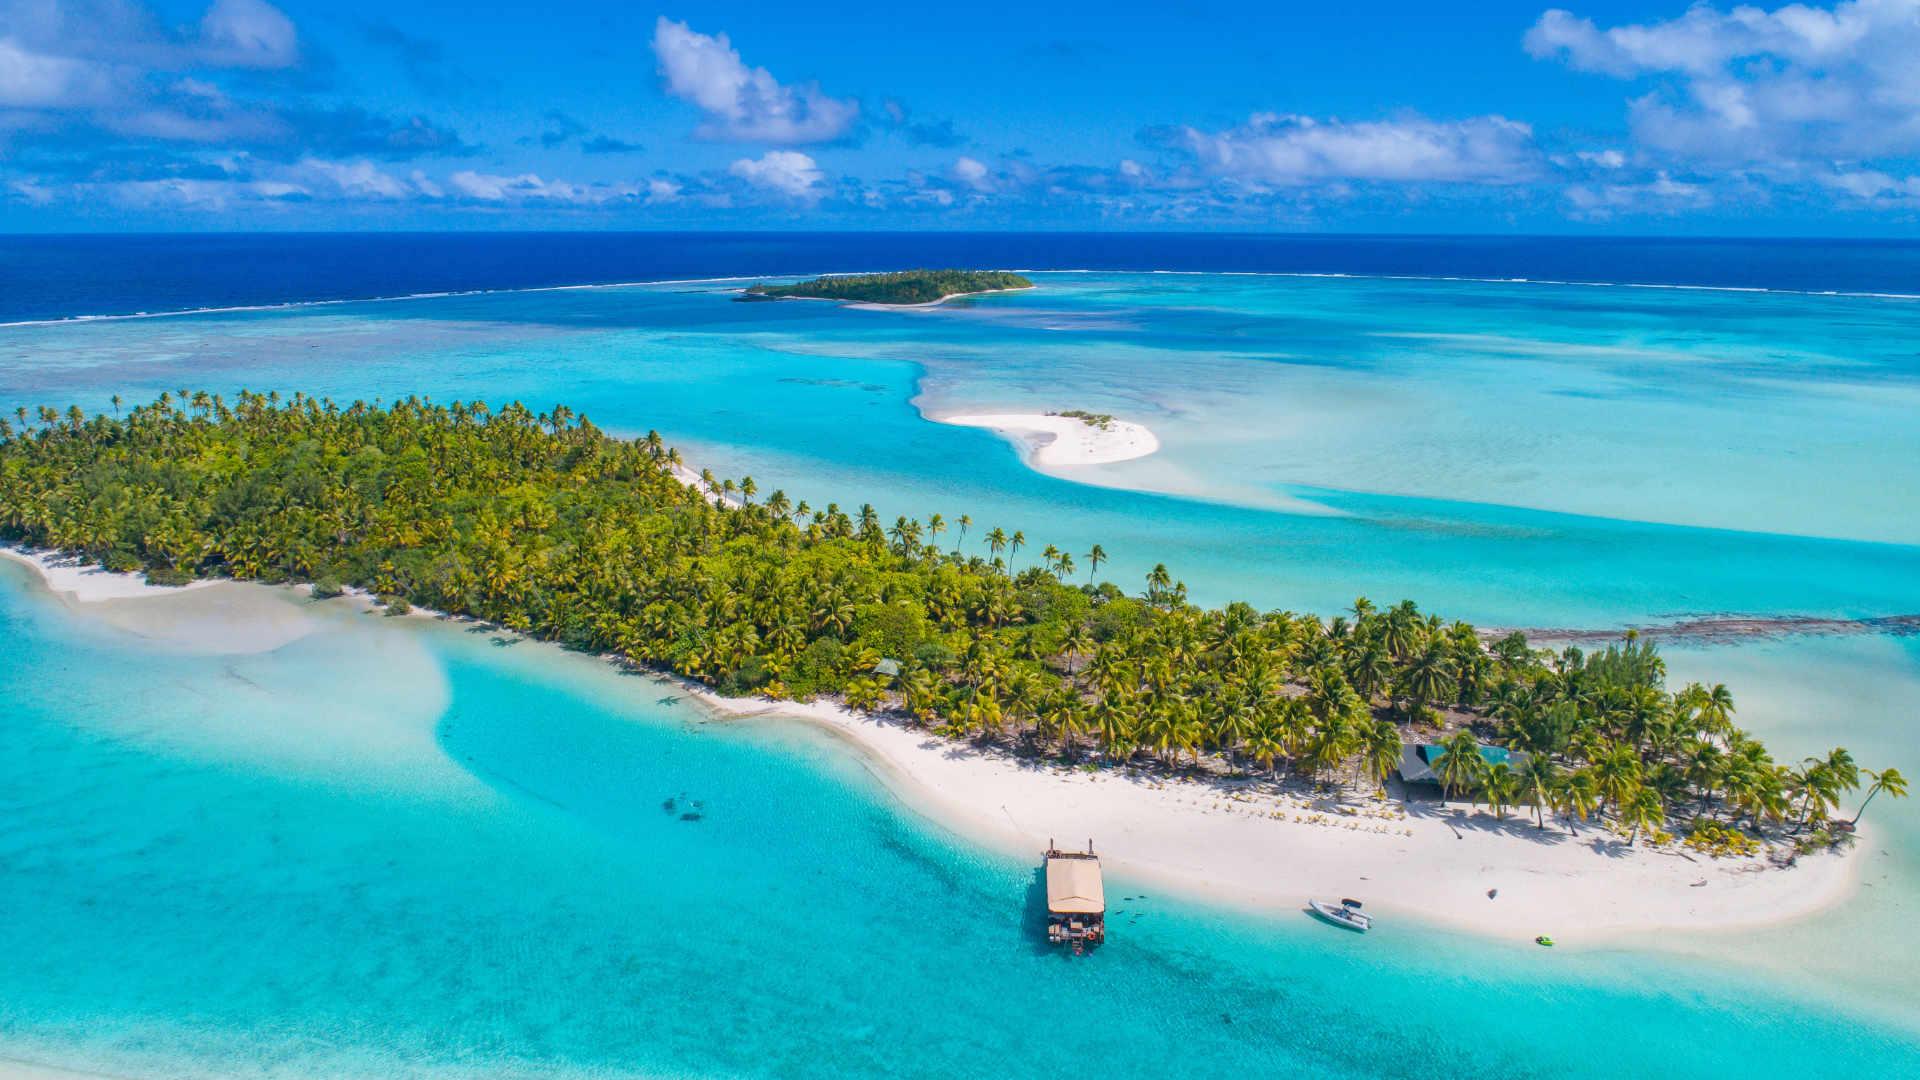 Aitutaki_One Foot Island_Vaka Cruise_1920x1080